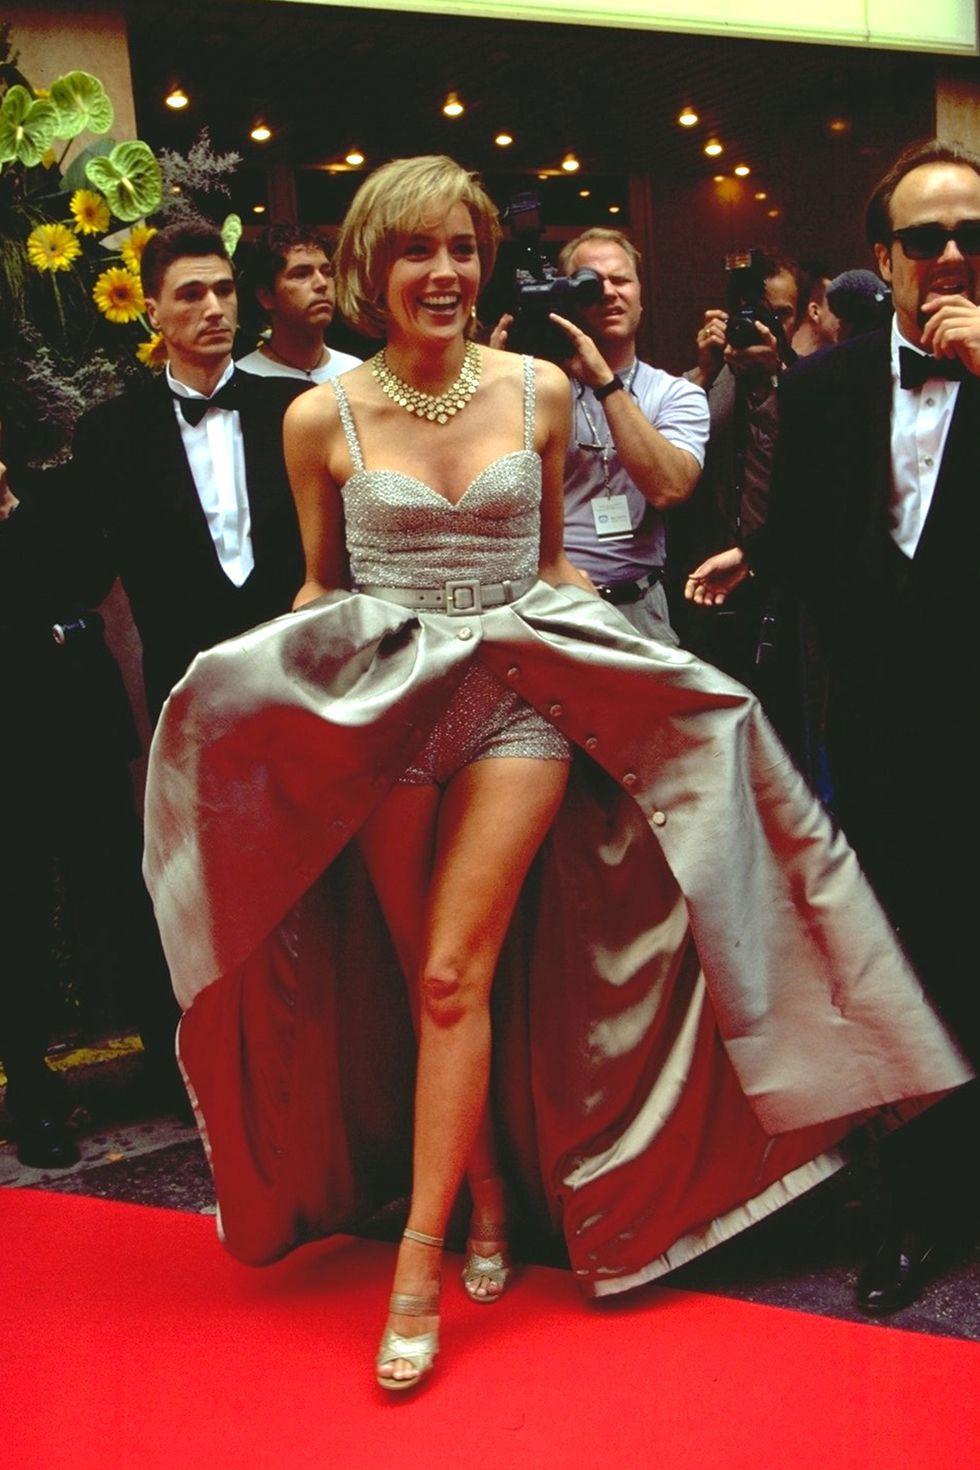 30 màn thả dáng có thần thái đi vào huyền thoại Cannes: Không cần trò vạch, phơi lồng lộn vẫn chiếm trọn spotlight! - Ảnh 6.